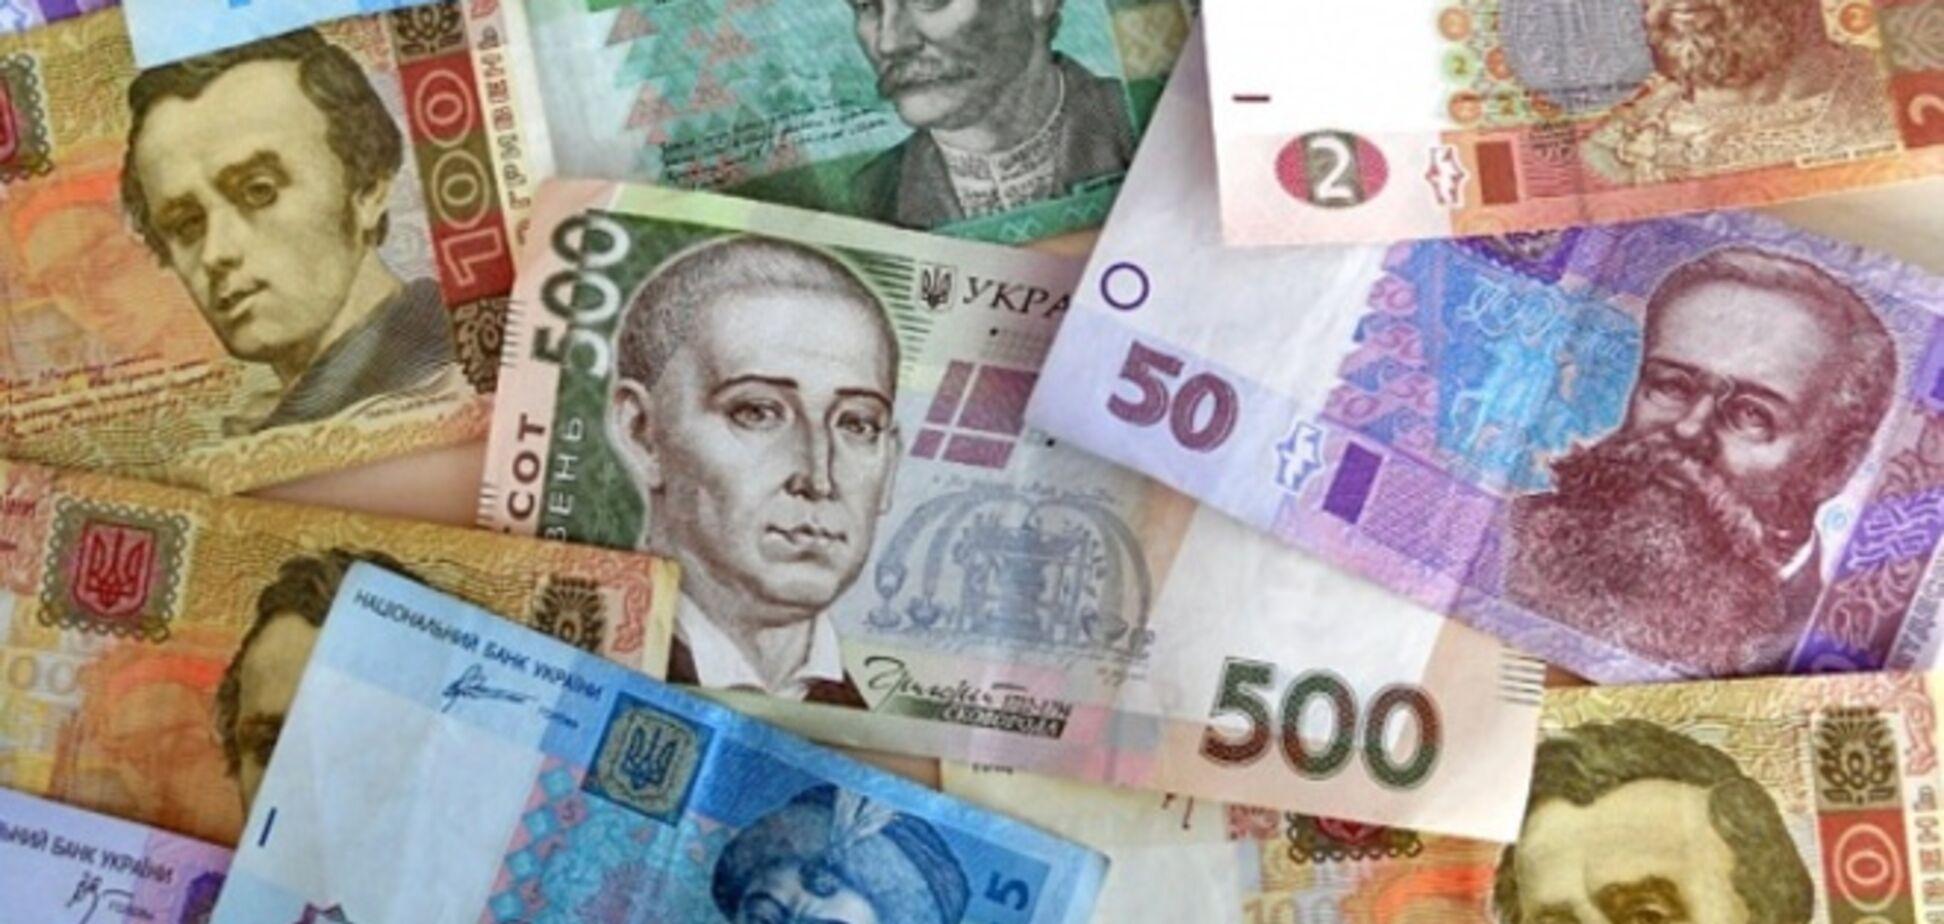 Дело черновицкой 'МММ' на 1,5 миллиона гривен передано в суд